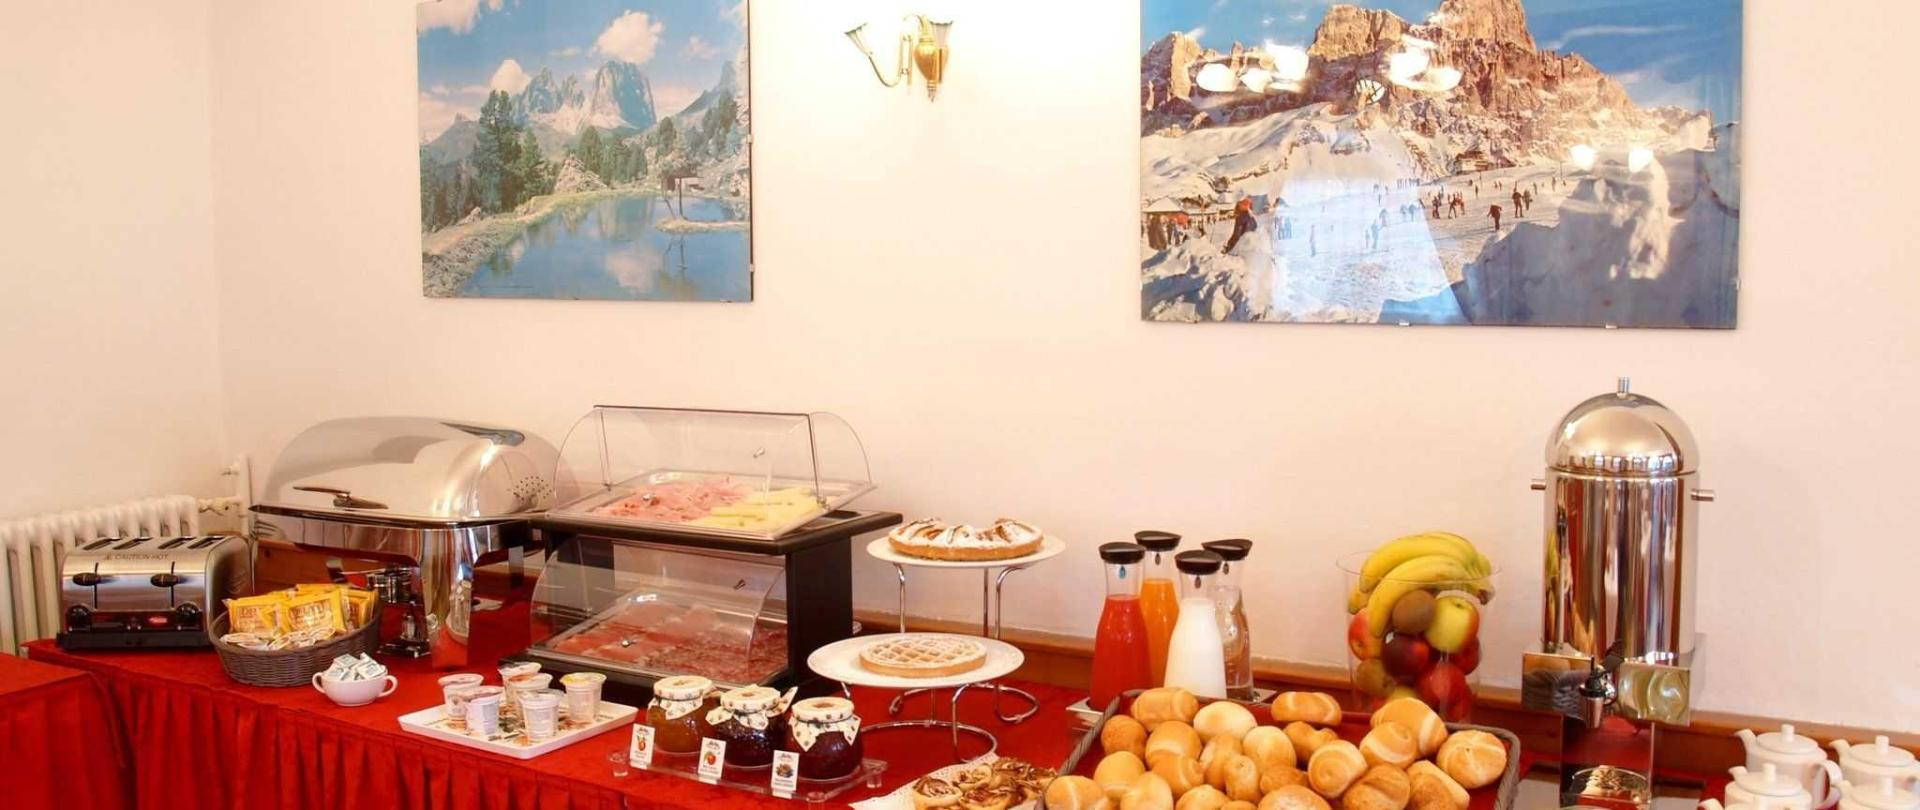 buffet-1.jpg